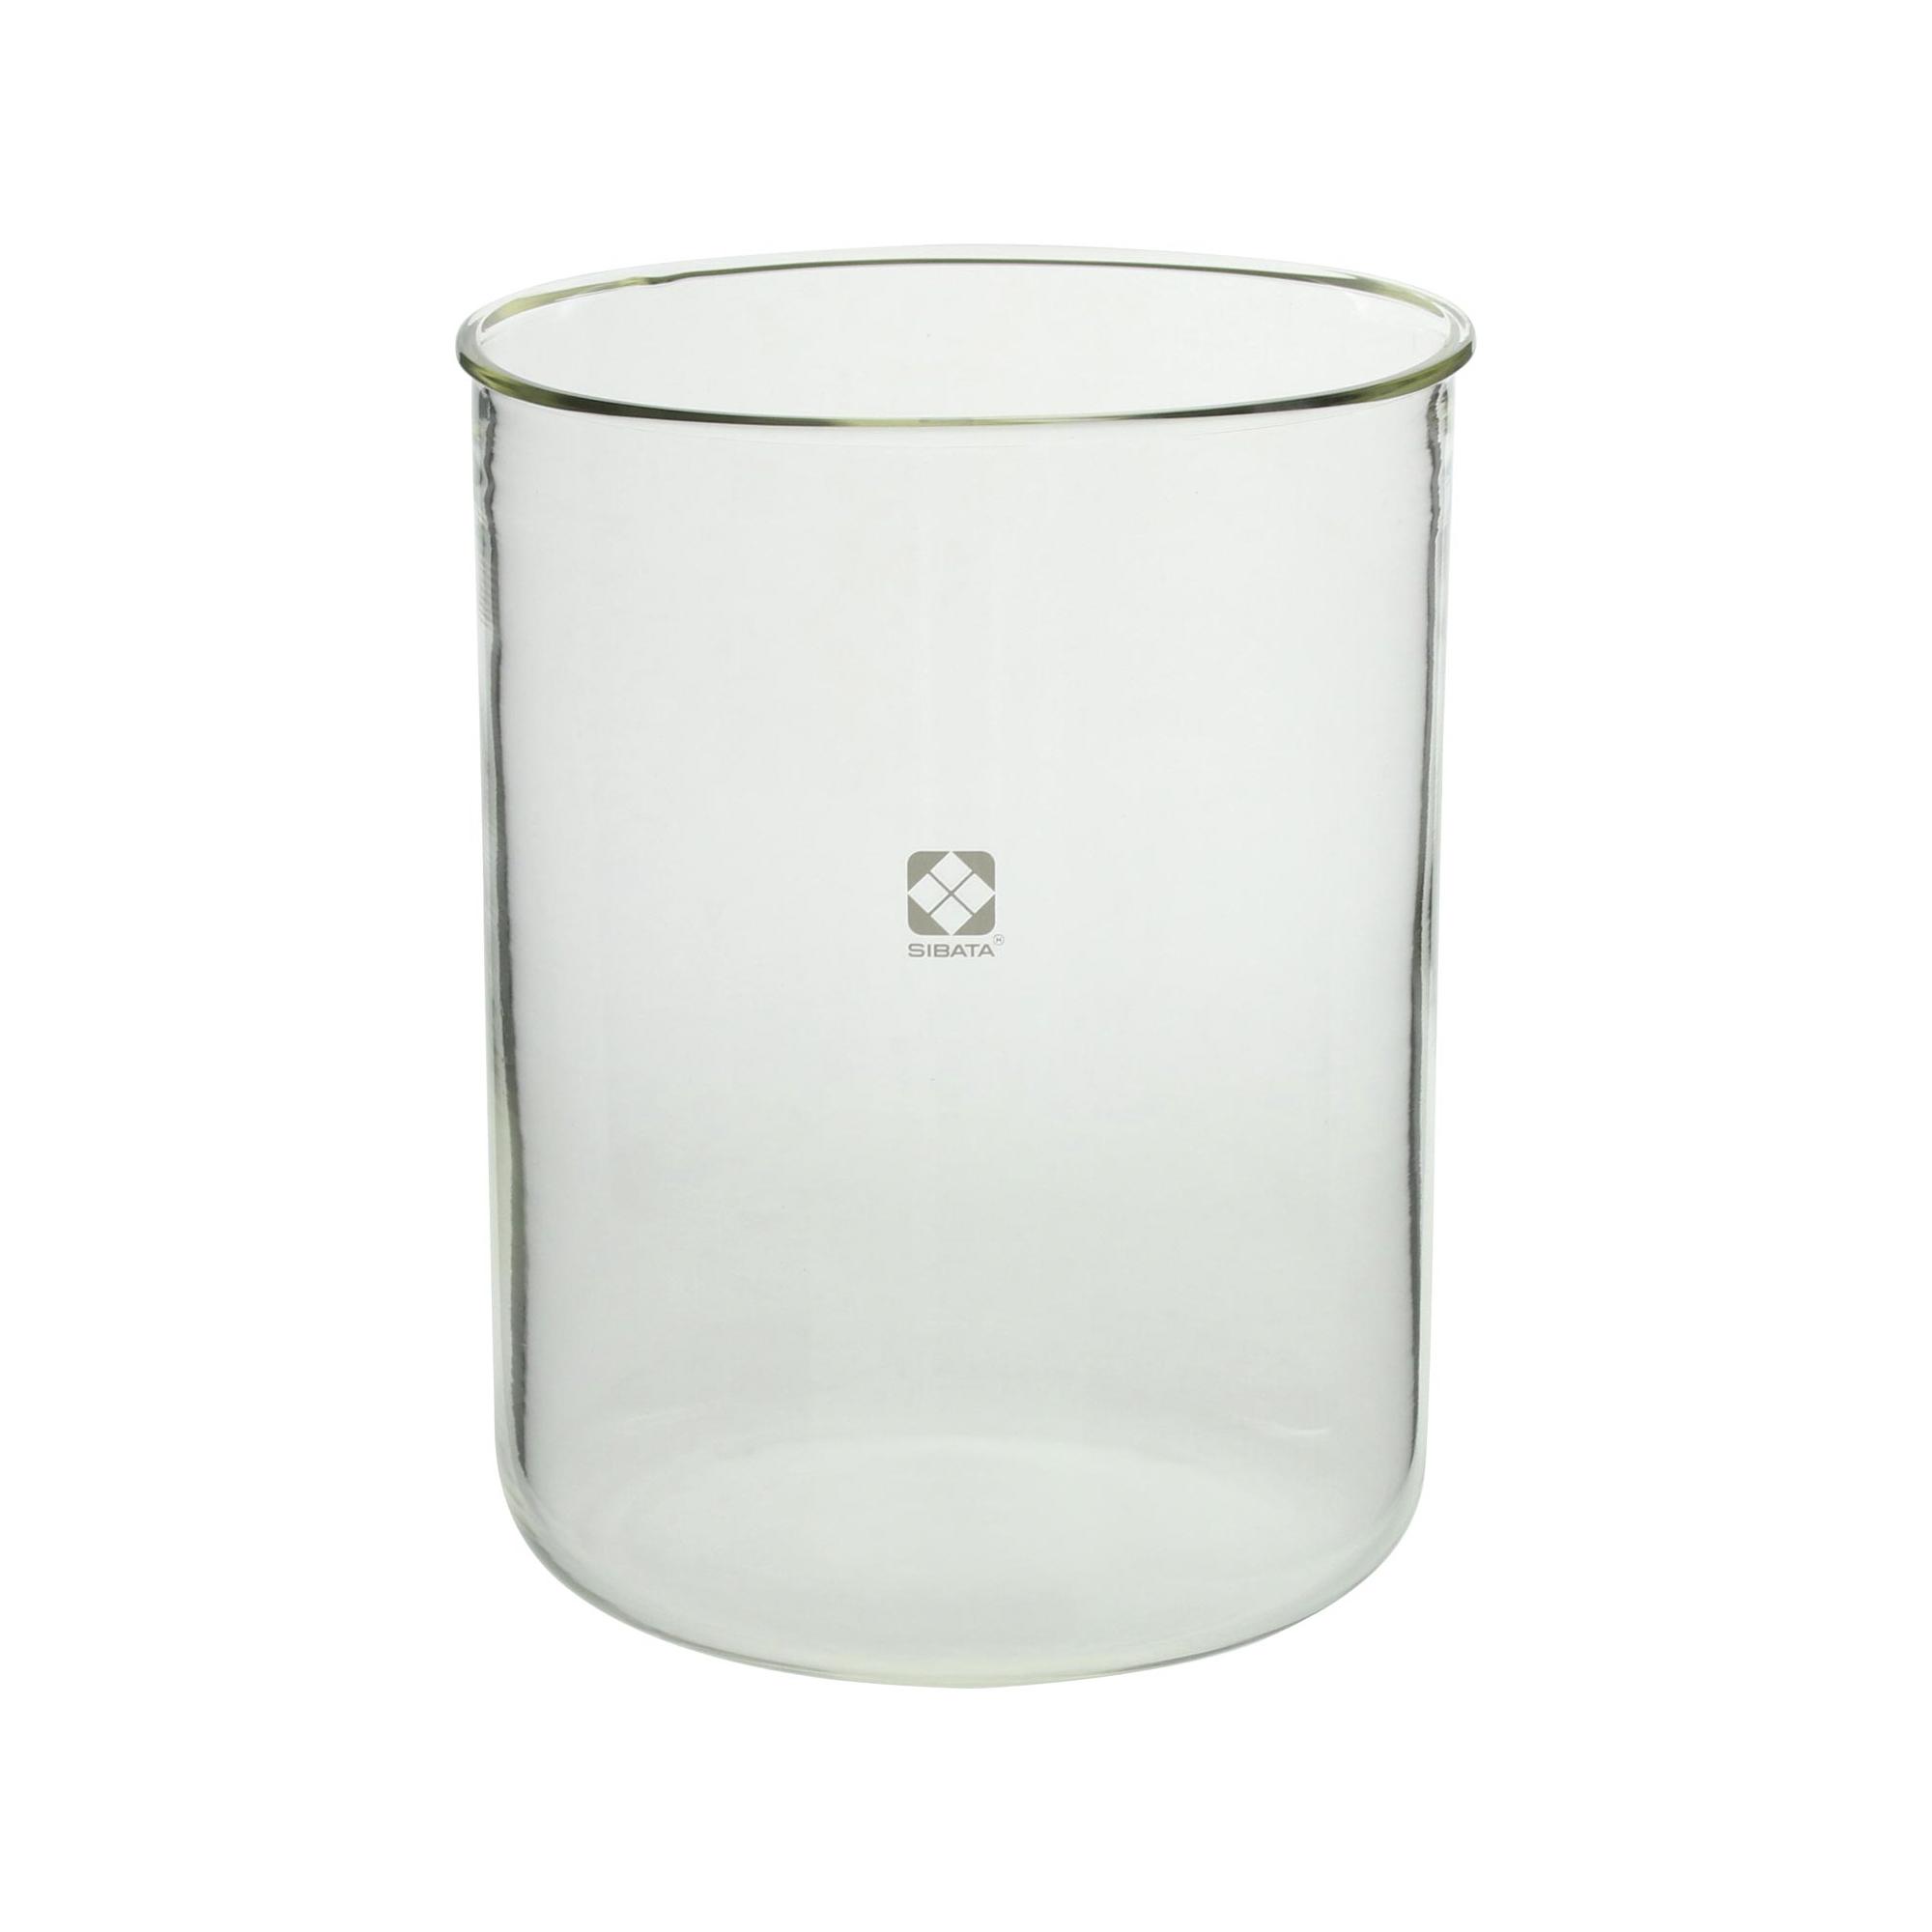 ダストジャーH型用 ガラス円筒 φ165mm